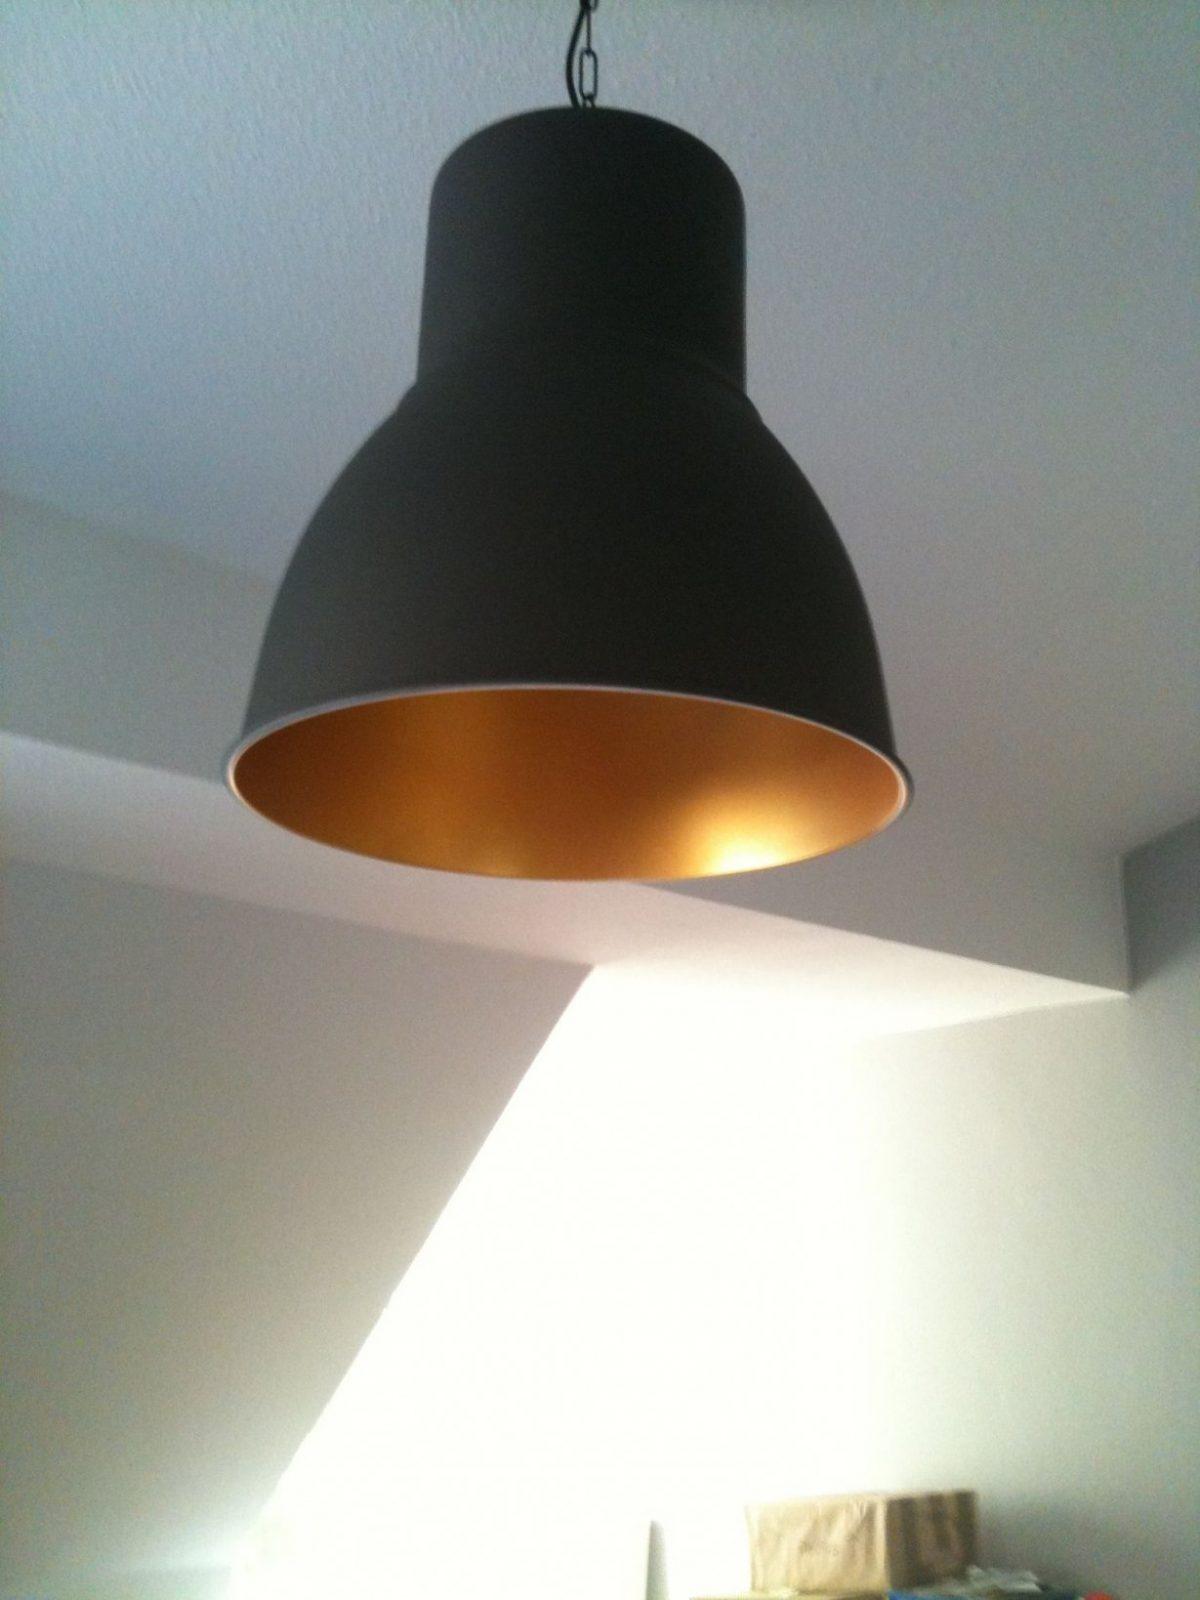 Ikea Hektar Pendant Interior Painted Gold  Interior Design In von Ikea Lampe Schwarz Kupfer Bild